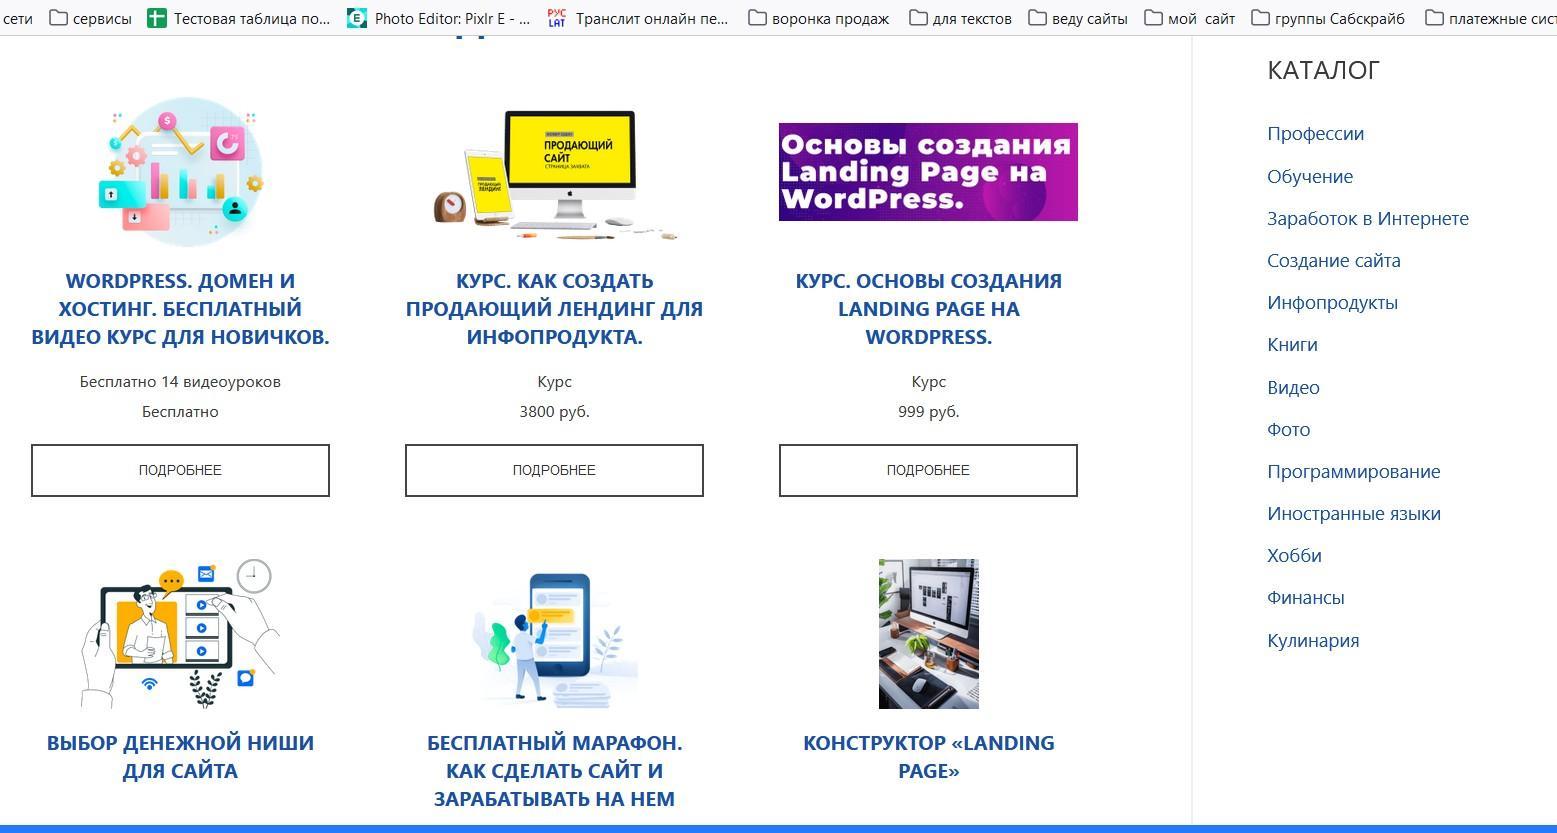 katalog infoproduktov 4